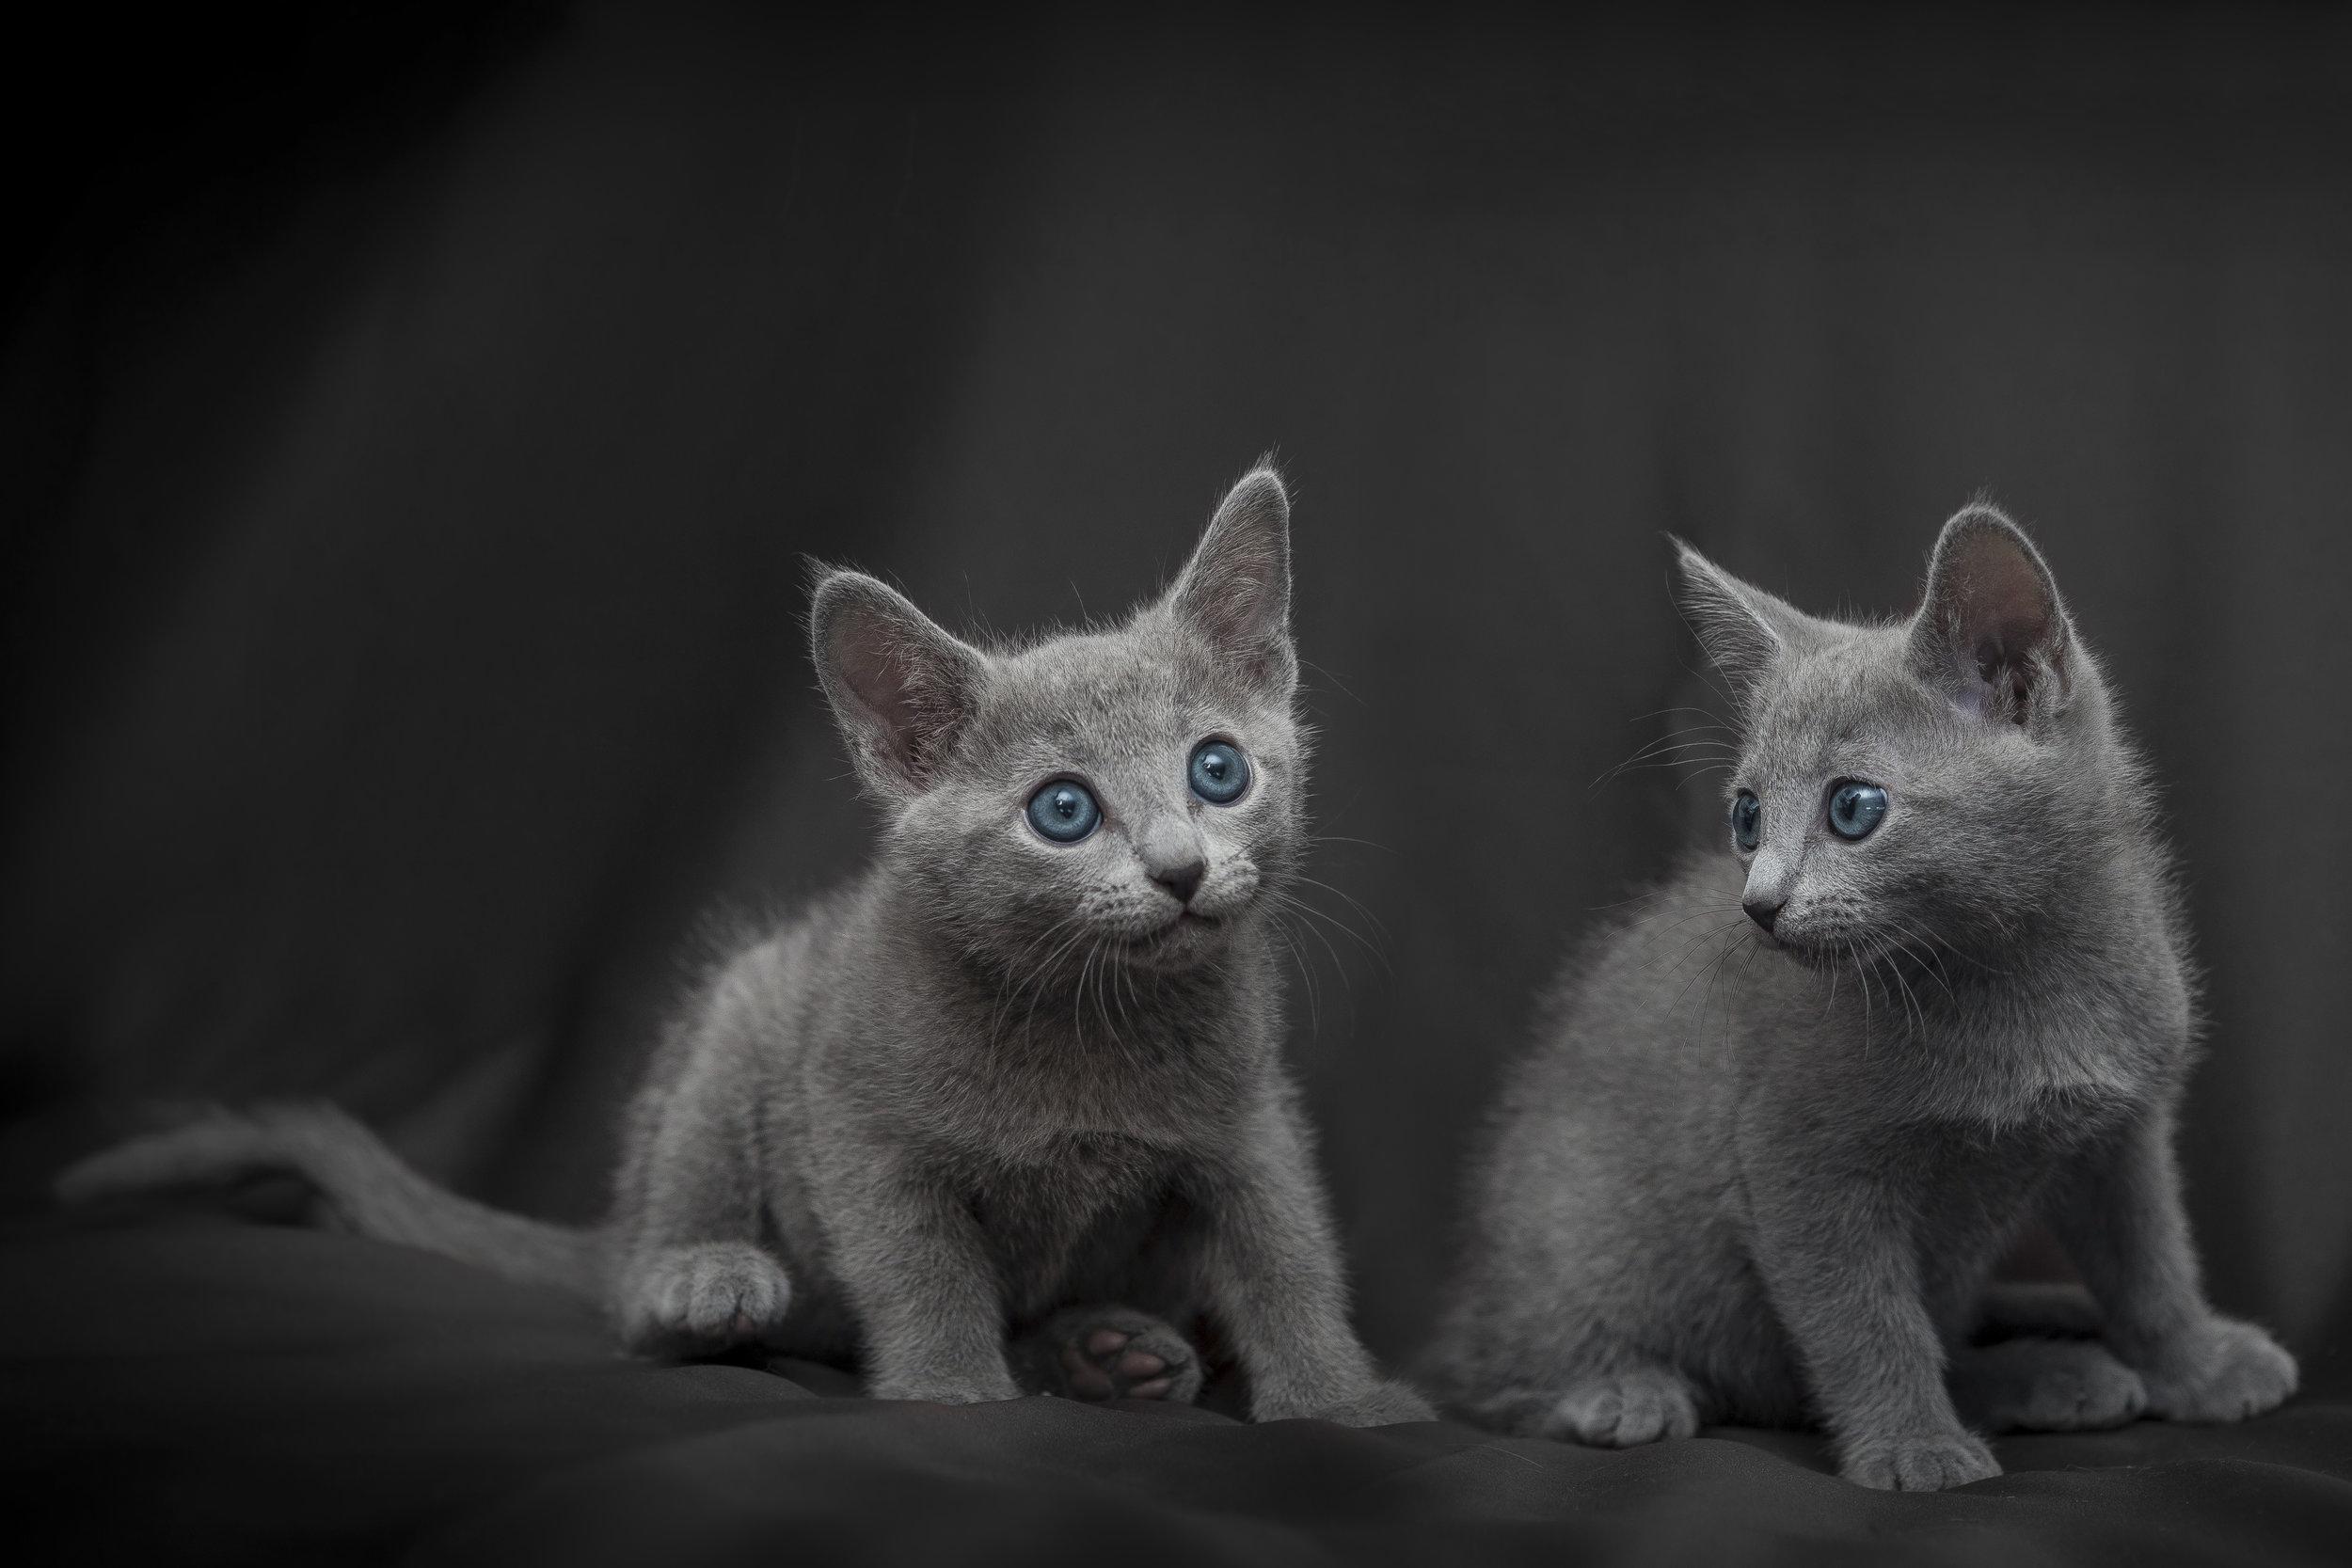 Foto di gattini con faccette buffe